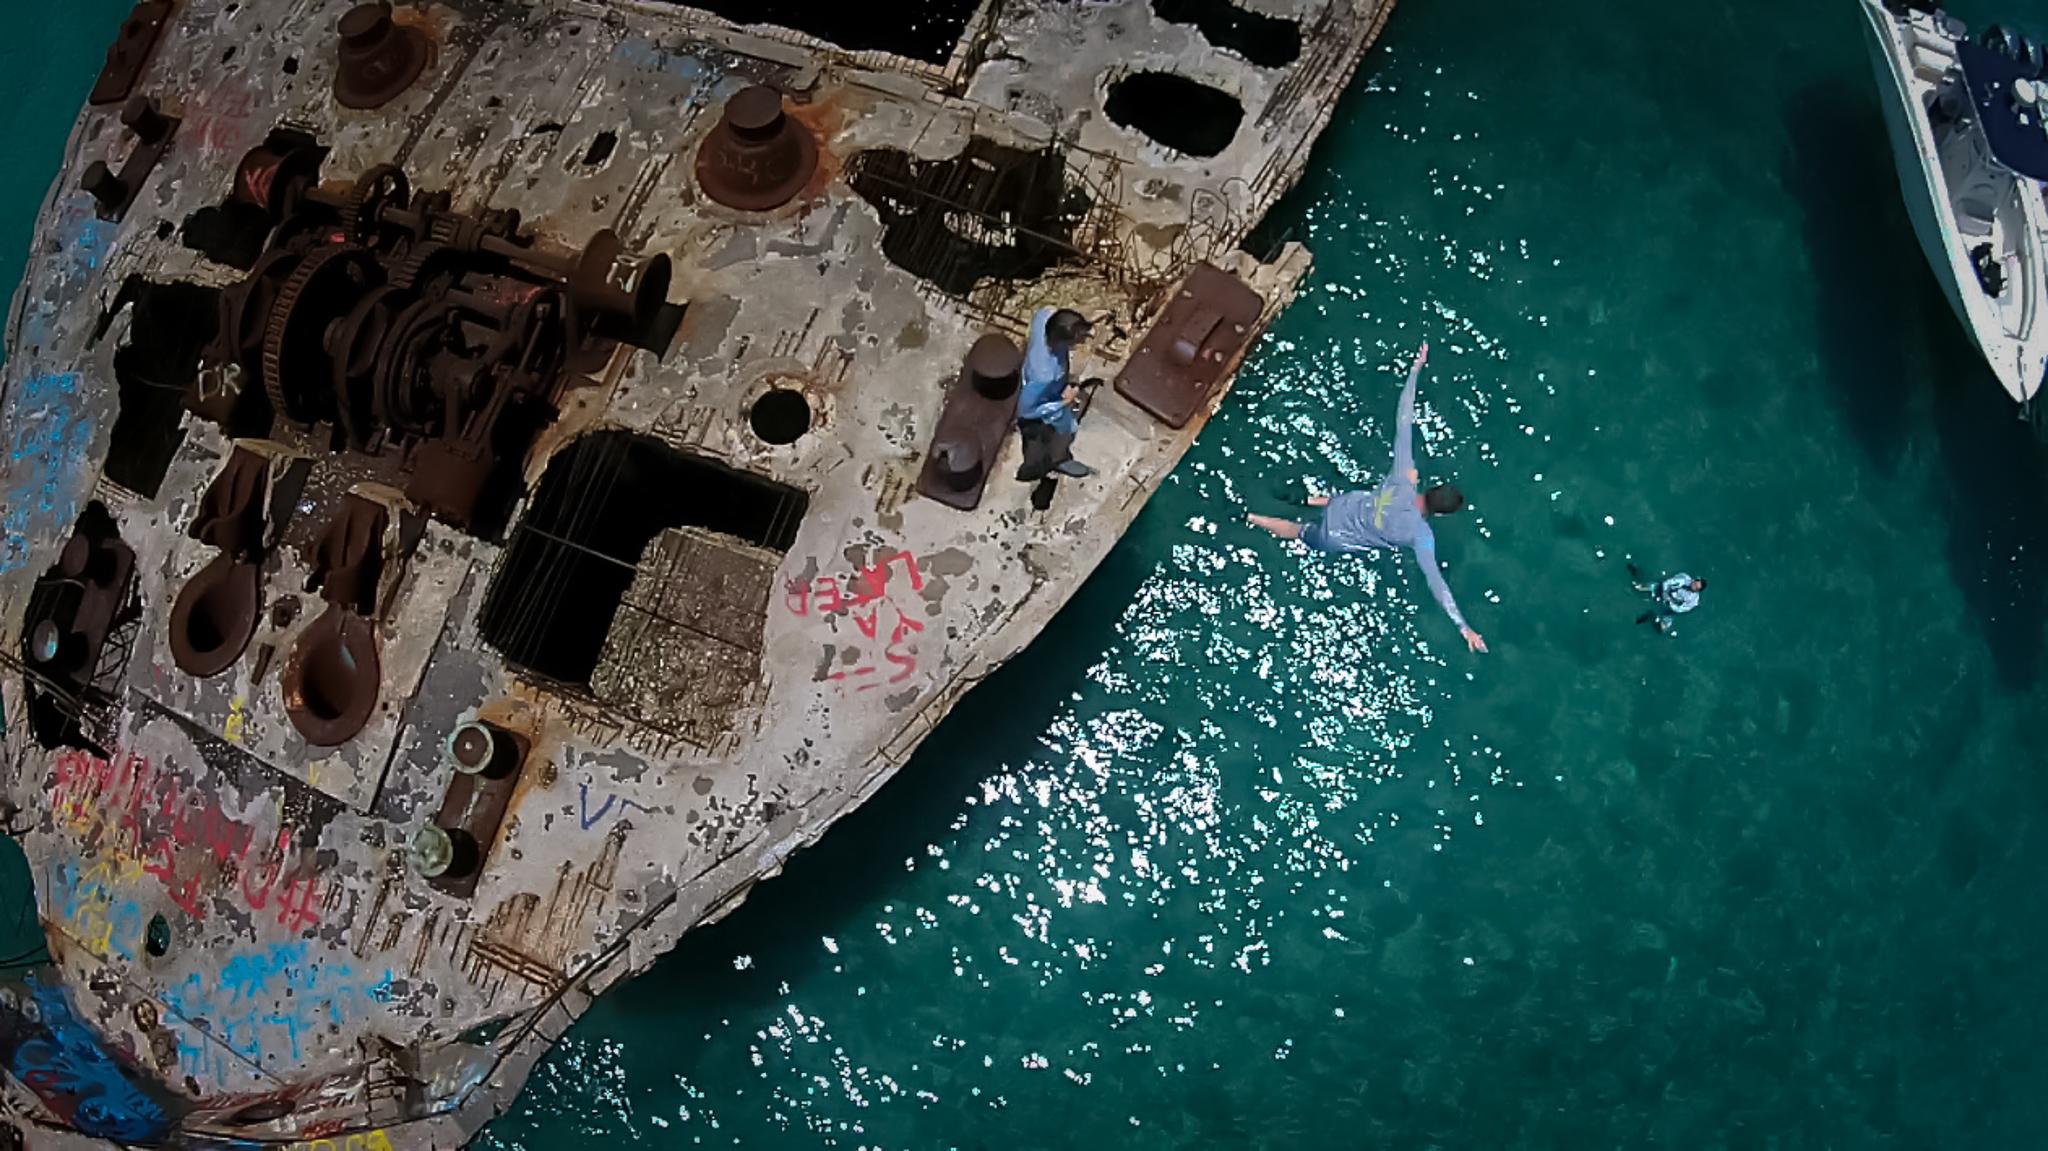 Bimini Bahamas 2015 - From Drone (115 of 16).jpg